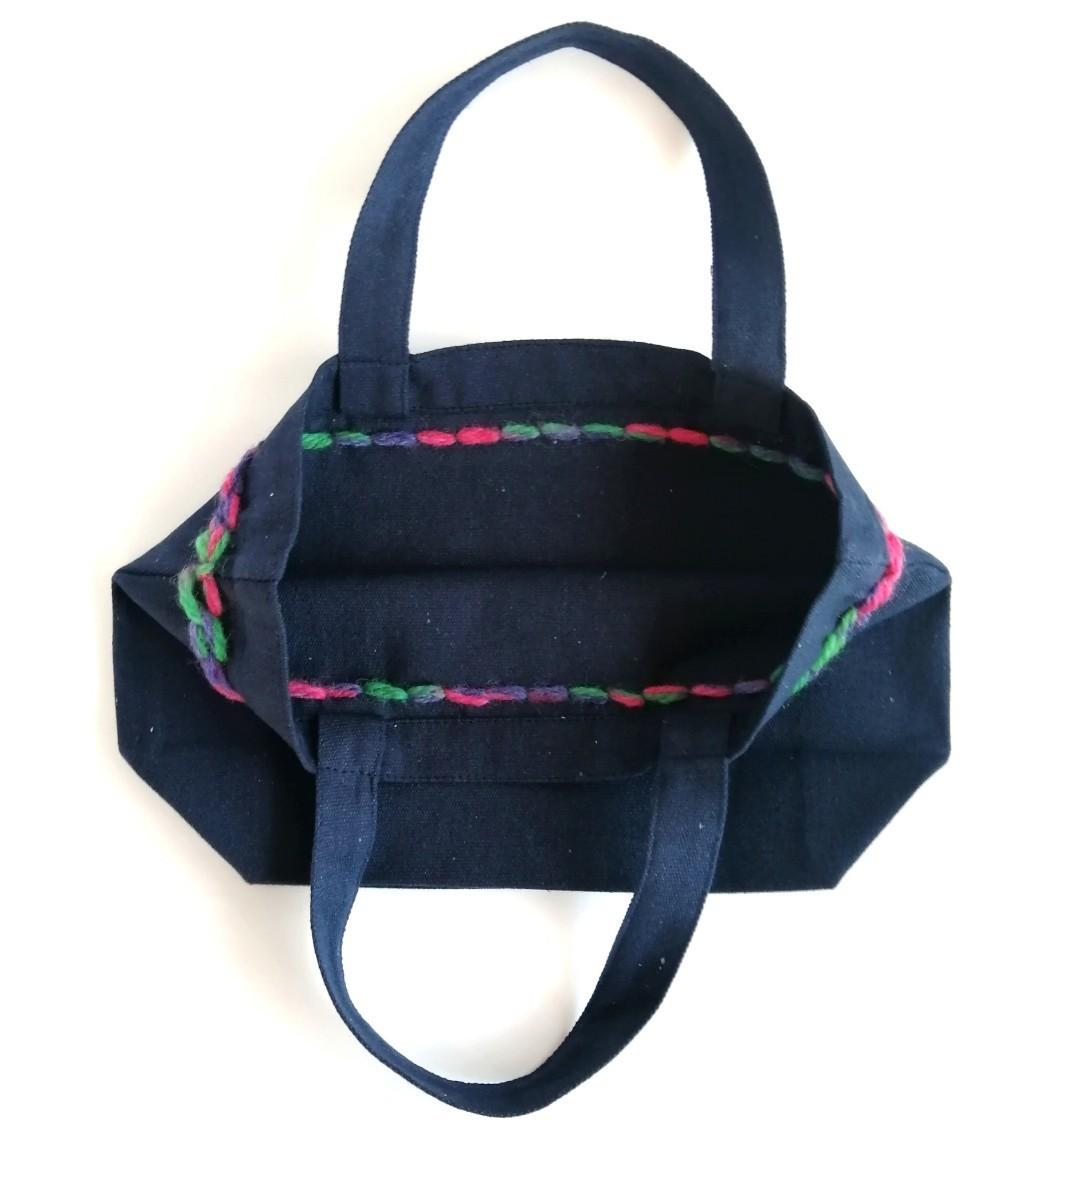 ハンドメイド 手縫いの刺繍 カラフルな毛糸 キャンバスミニトートバッグ ネイビー